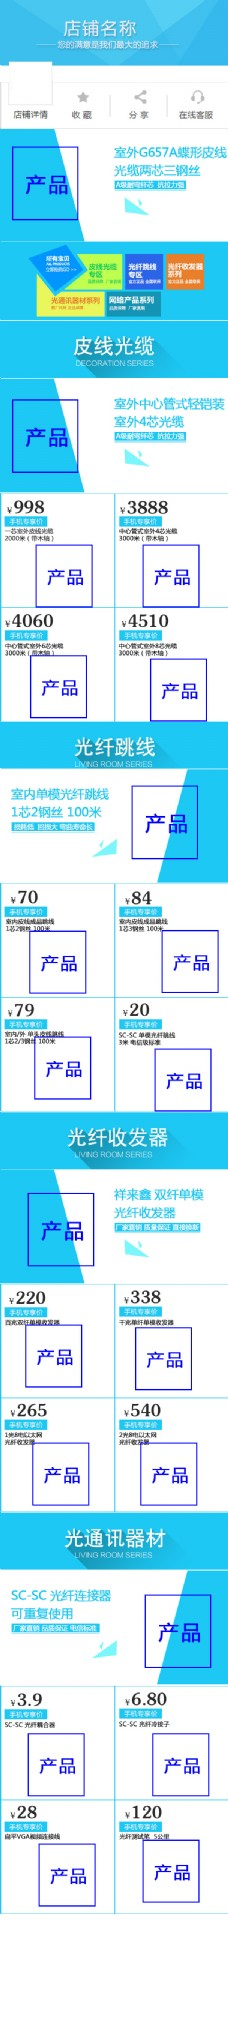 数码手机端首页装修设计模板